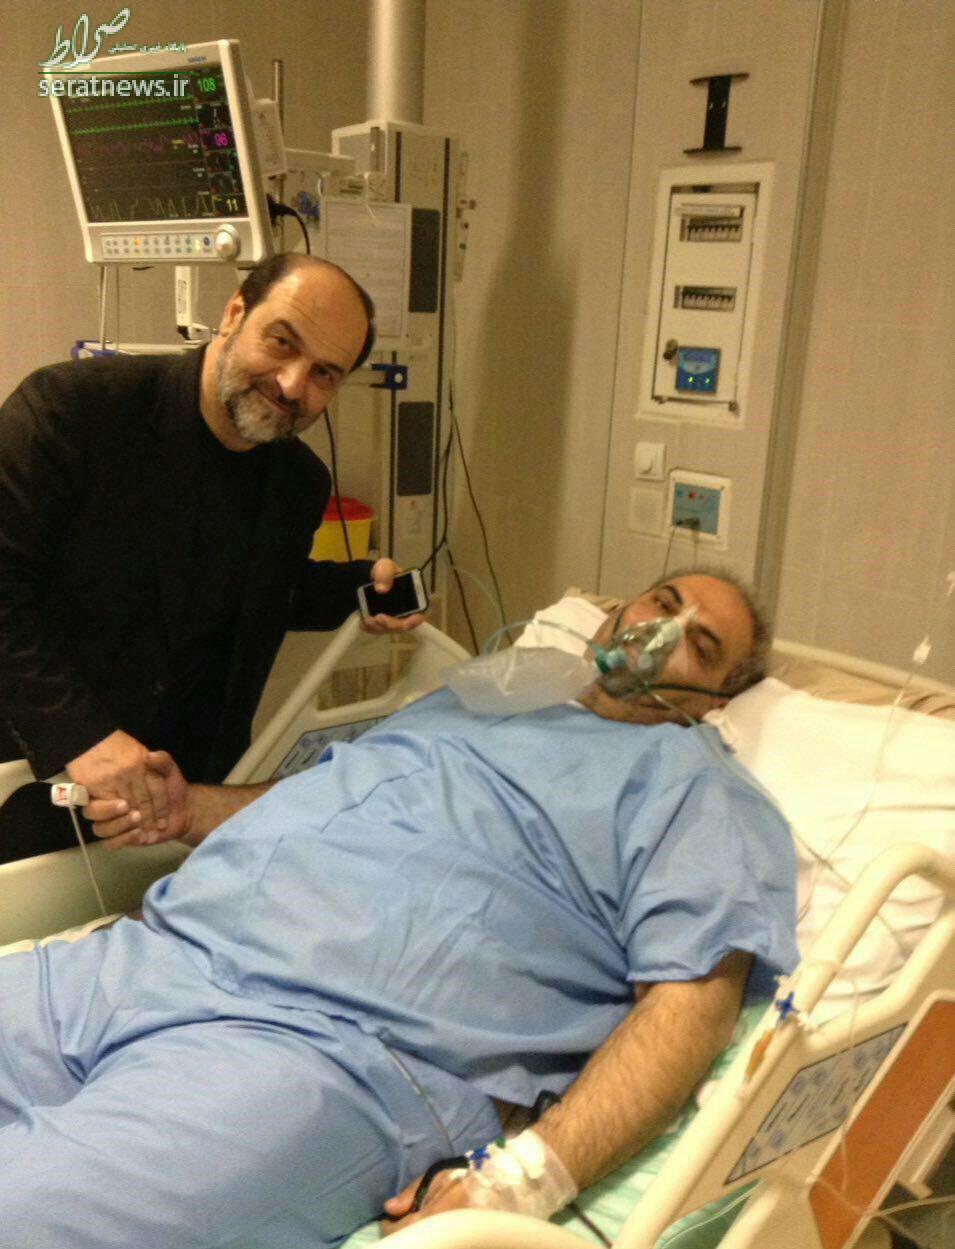 عکس/ جواد خیابانی روی تخت بیمارستان